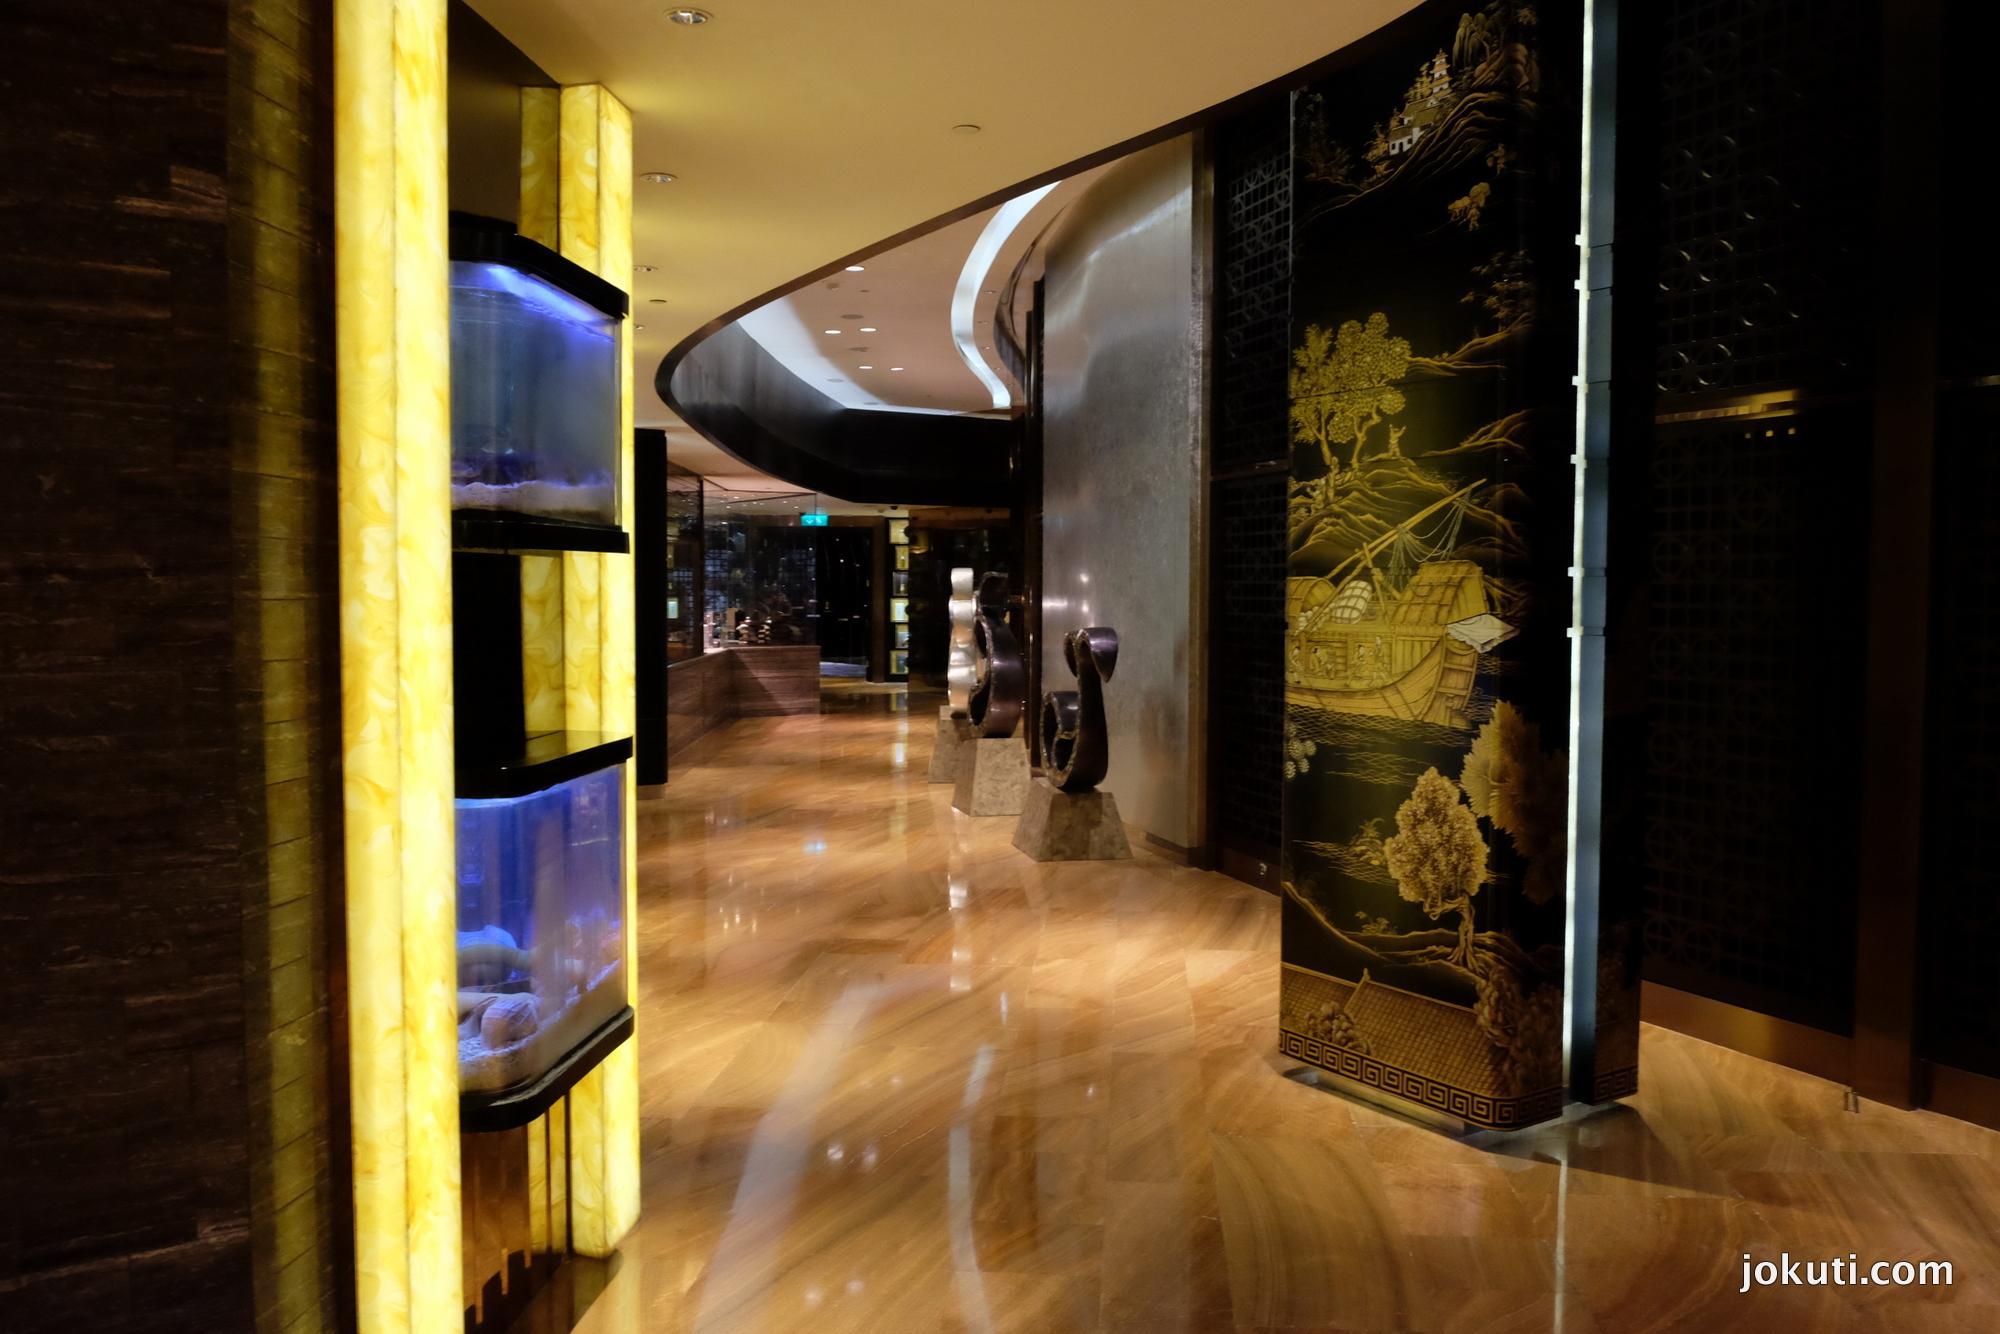 dscf6864_jade_dragon_restaurant_cantonese_chinese_michelin_macau_makao_china_kinai_vilagevo_jokuti.jpg